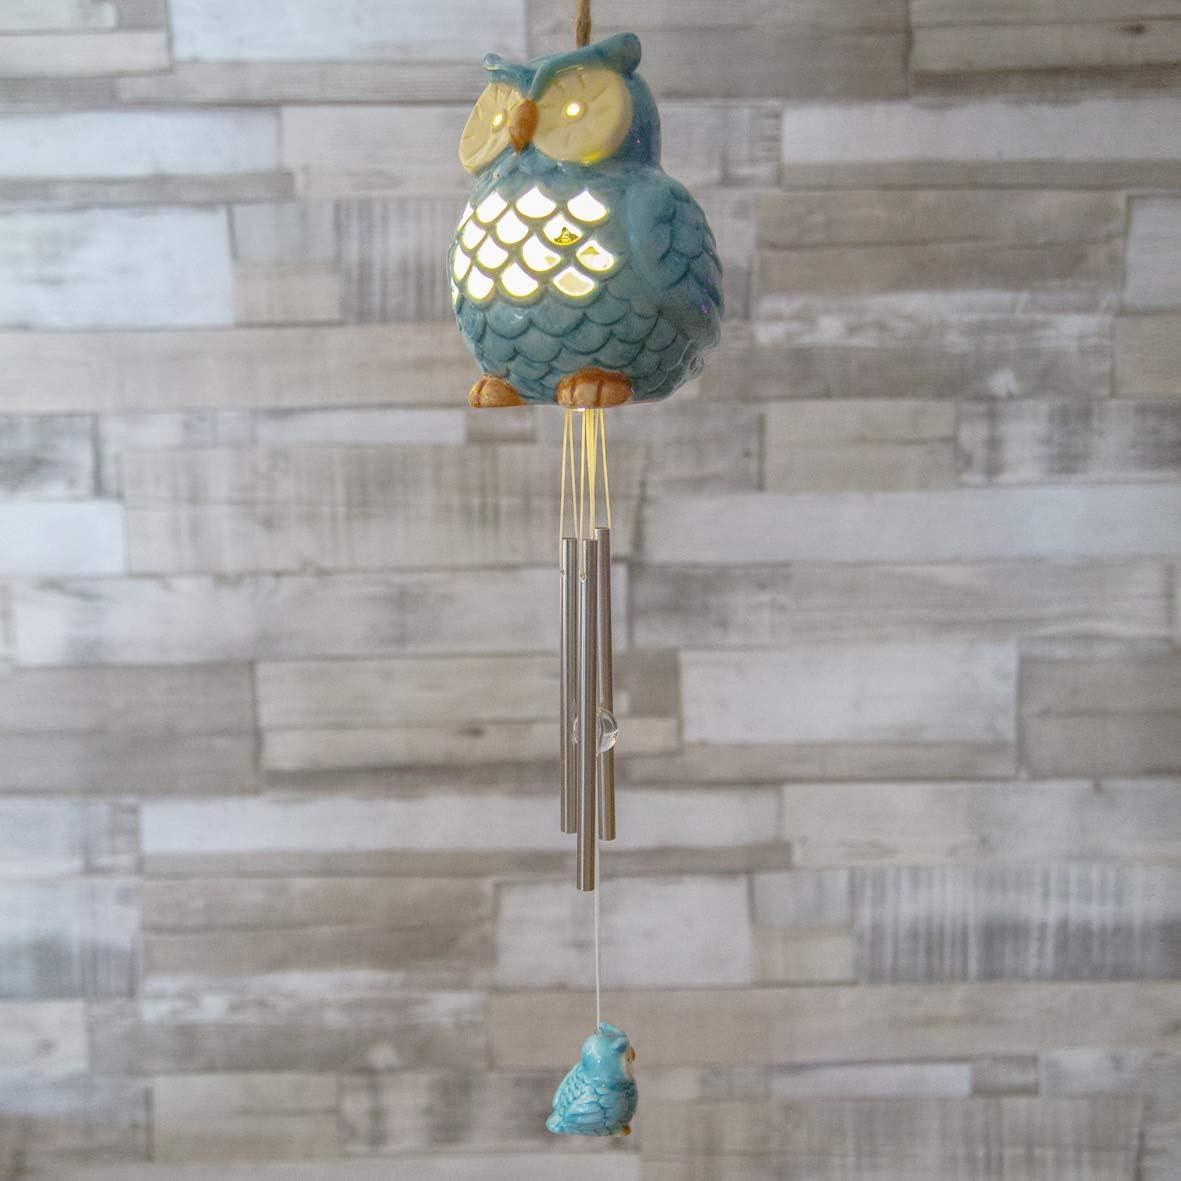 Festive Lights - Carillón LED Solar de Color cambiante, se Enciende automáticamente al Atardecer de la Noche, decoración de jardín Original y Zen: Amazon.es: Jardín